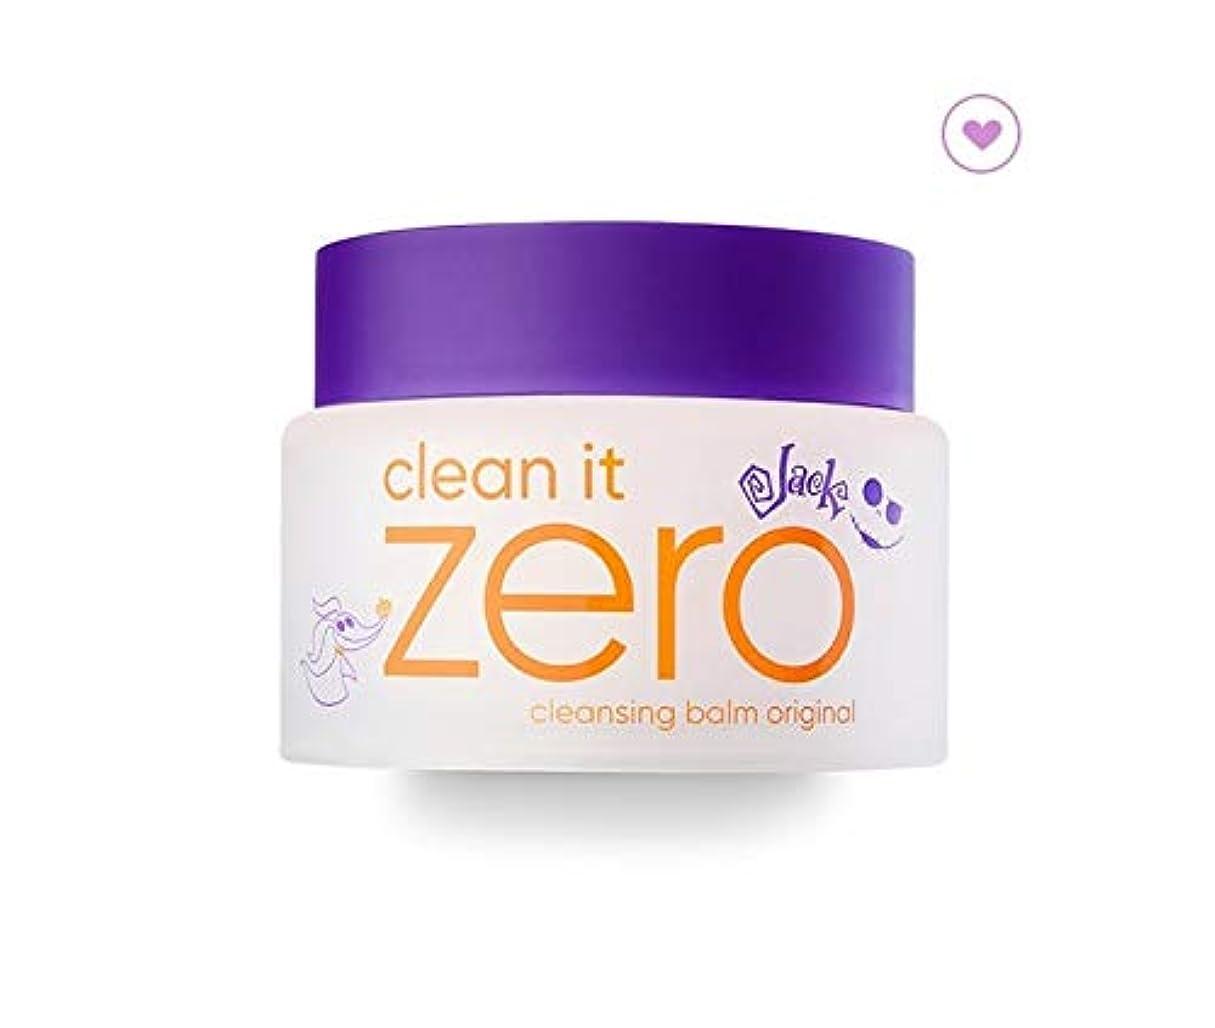 悪夢最終ペイントbanilaco クリーンイットゼロクレンジングバームディズニーコレクション(パープル) / Clean It Zero Cleansing Balm Disney Collection (Purple) 100ml [...